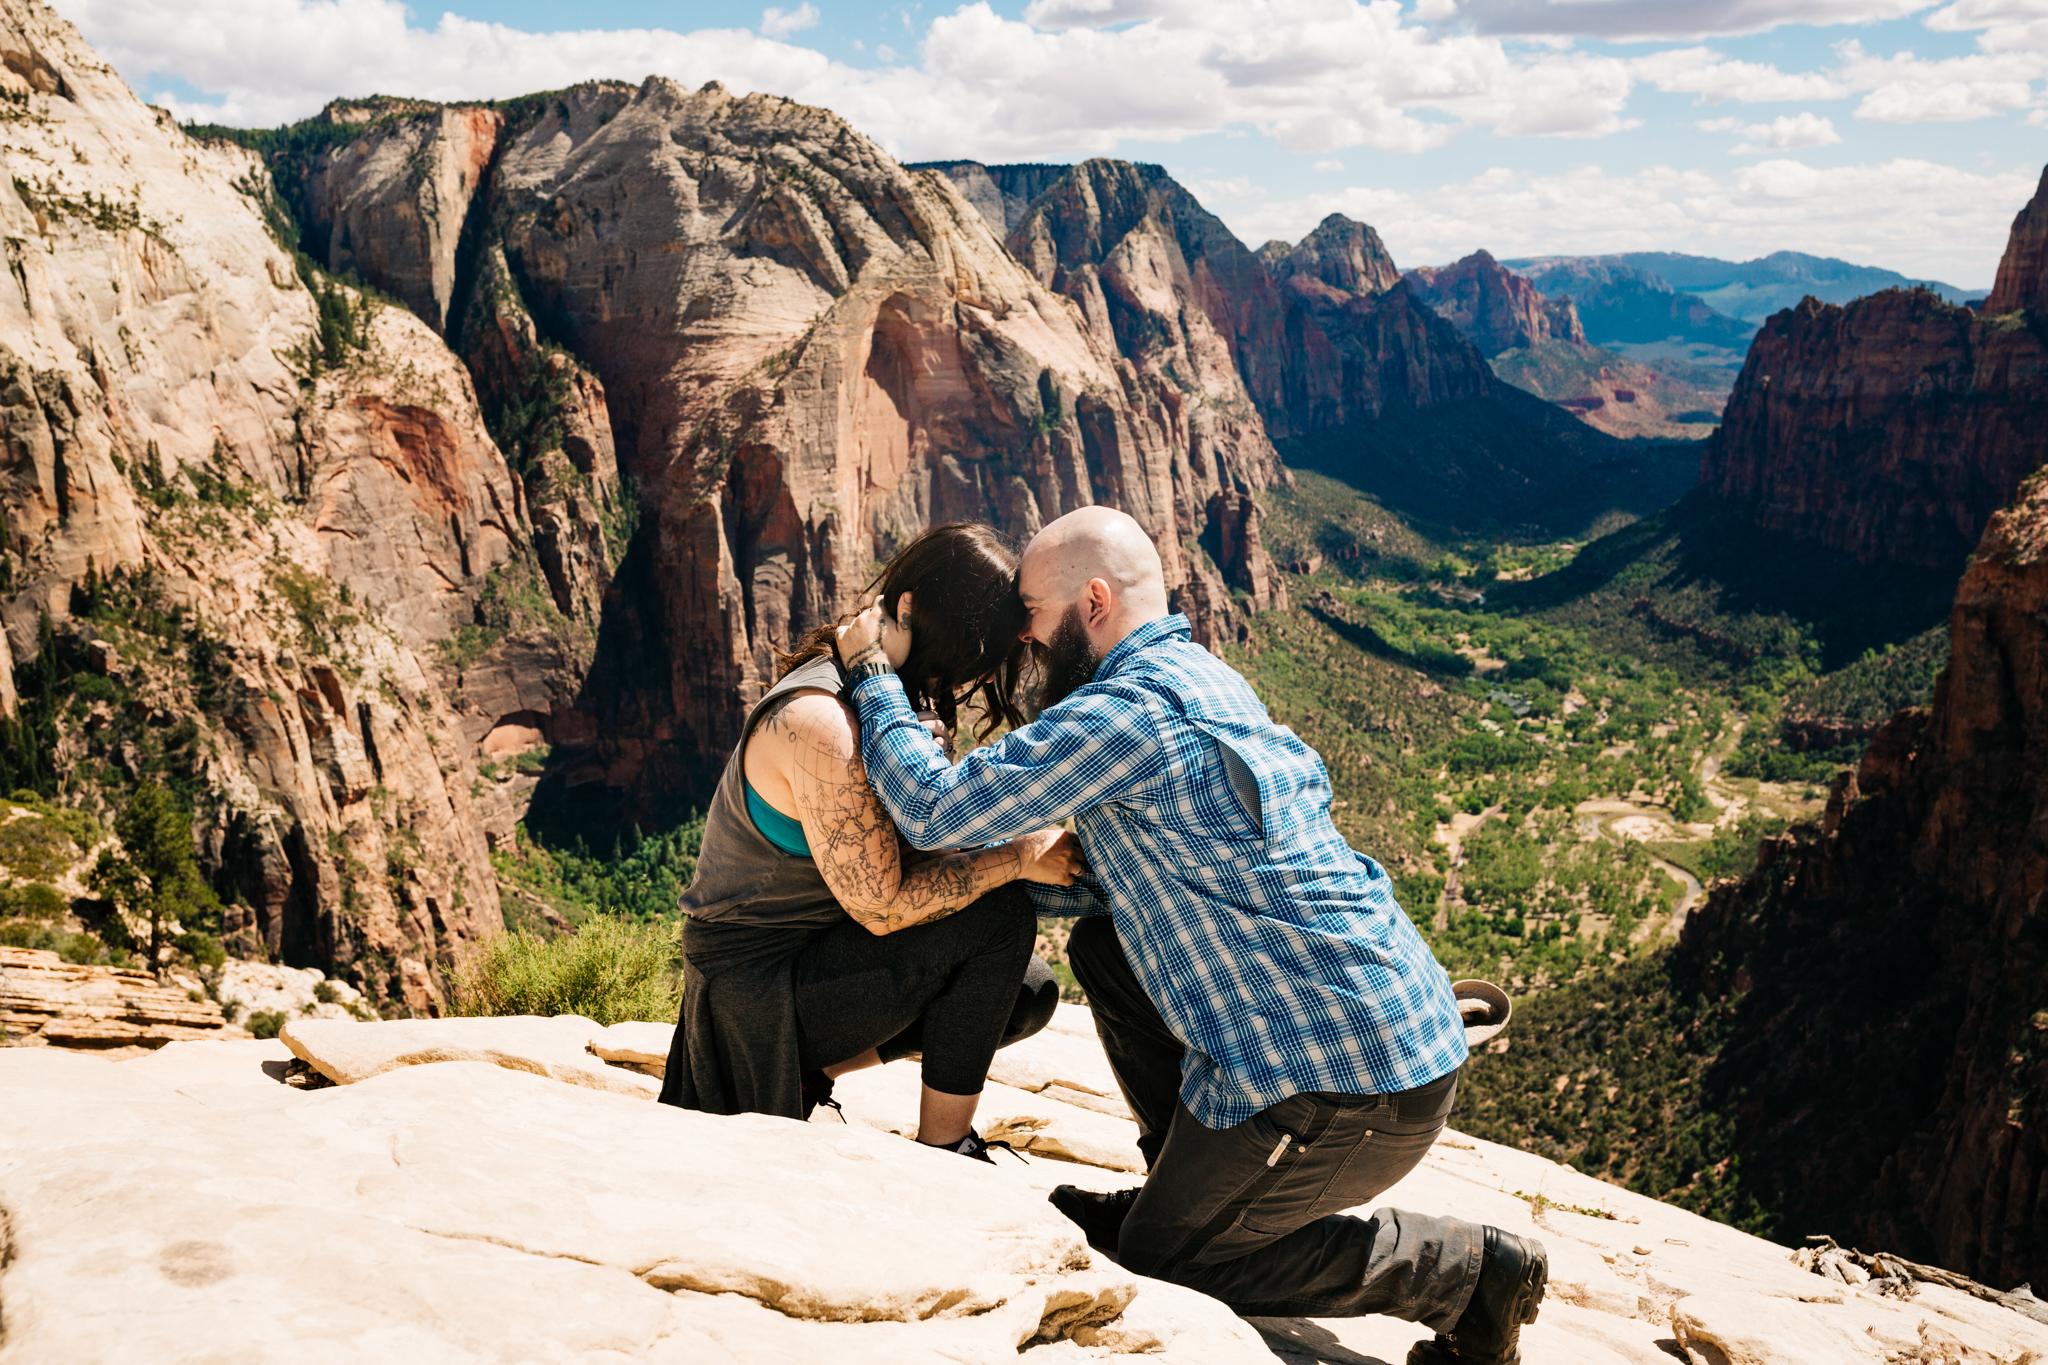 andrea-van-orsouw-photography-zion-national-park-proposal-utah-adventure-photographer.com